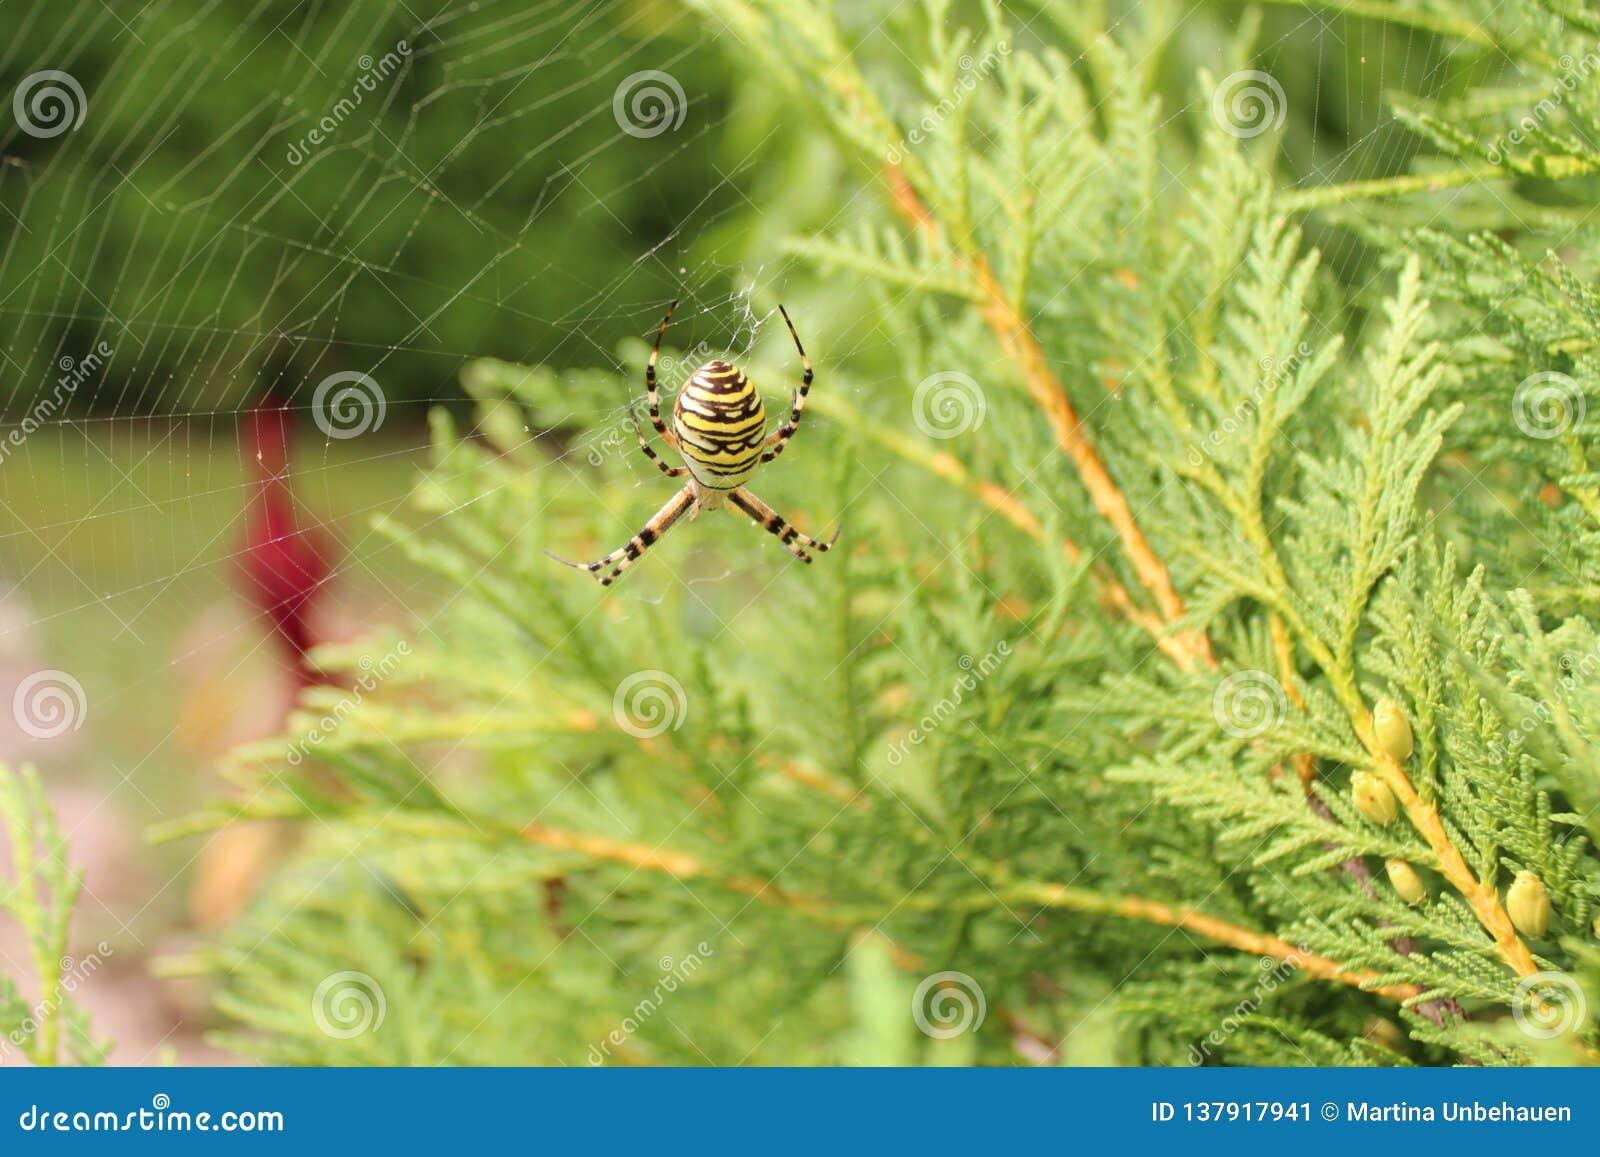 Wespenspinne im Garten